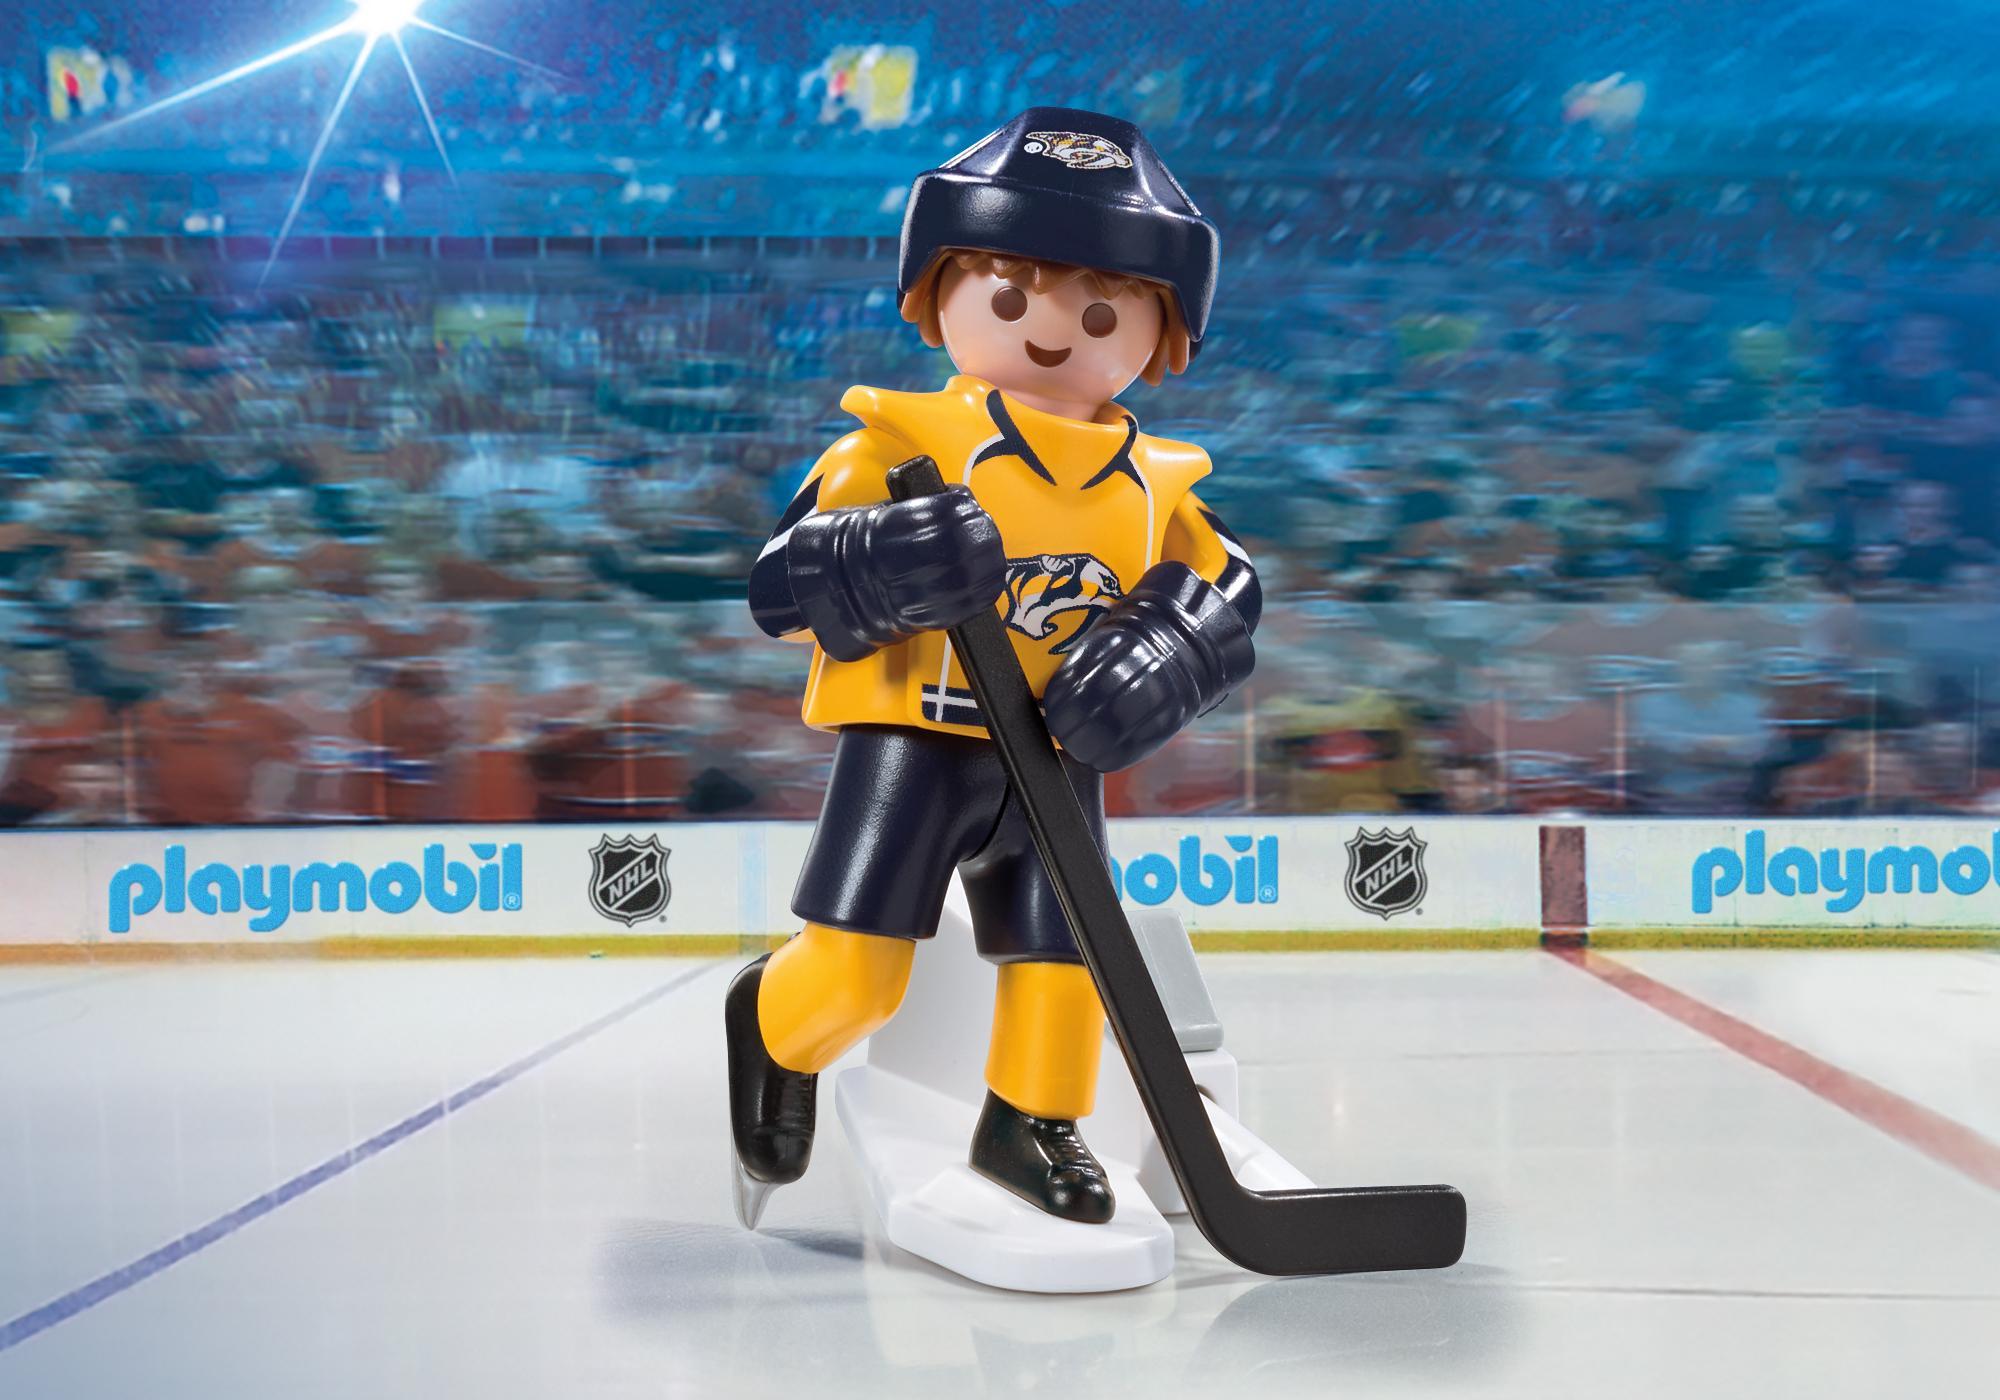 http://media.playmobil.com/i/playmobil/9196_product_detail/NHL™ Nashville Predators™ Player